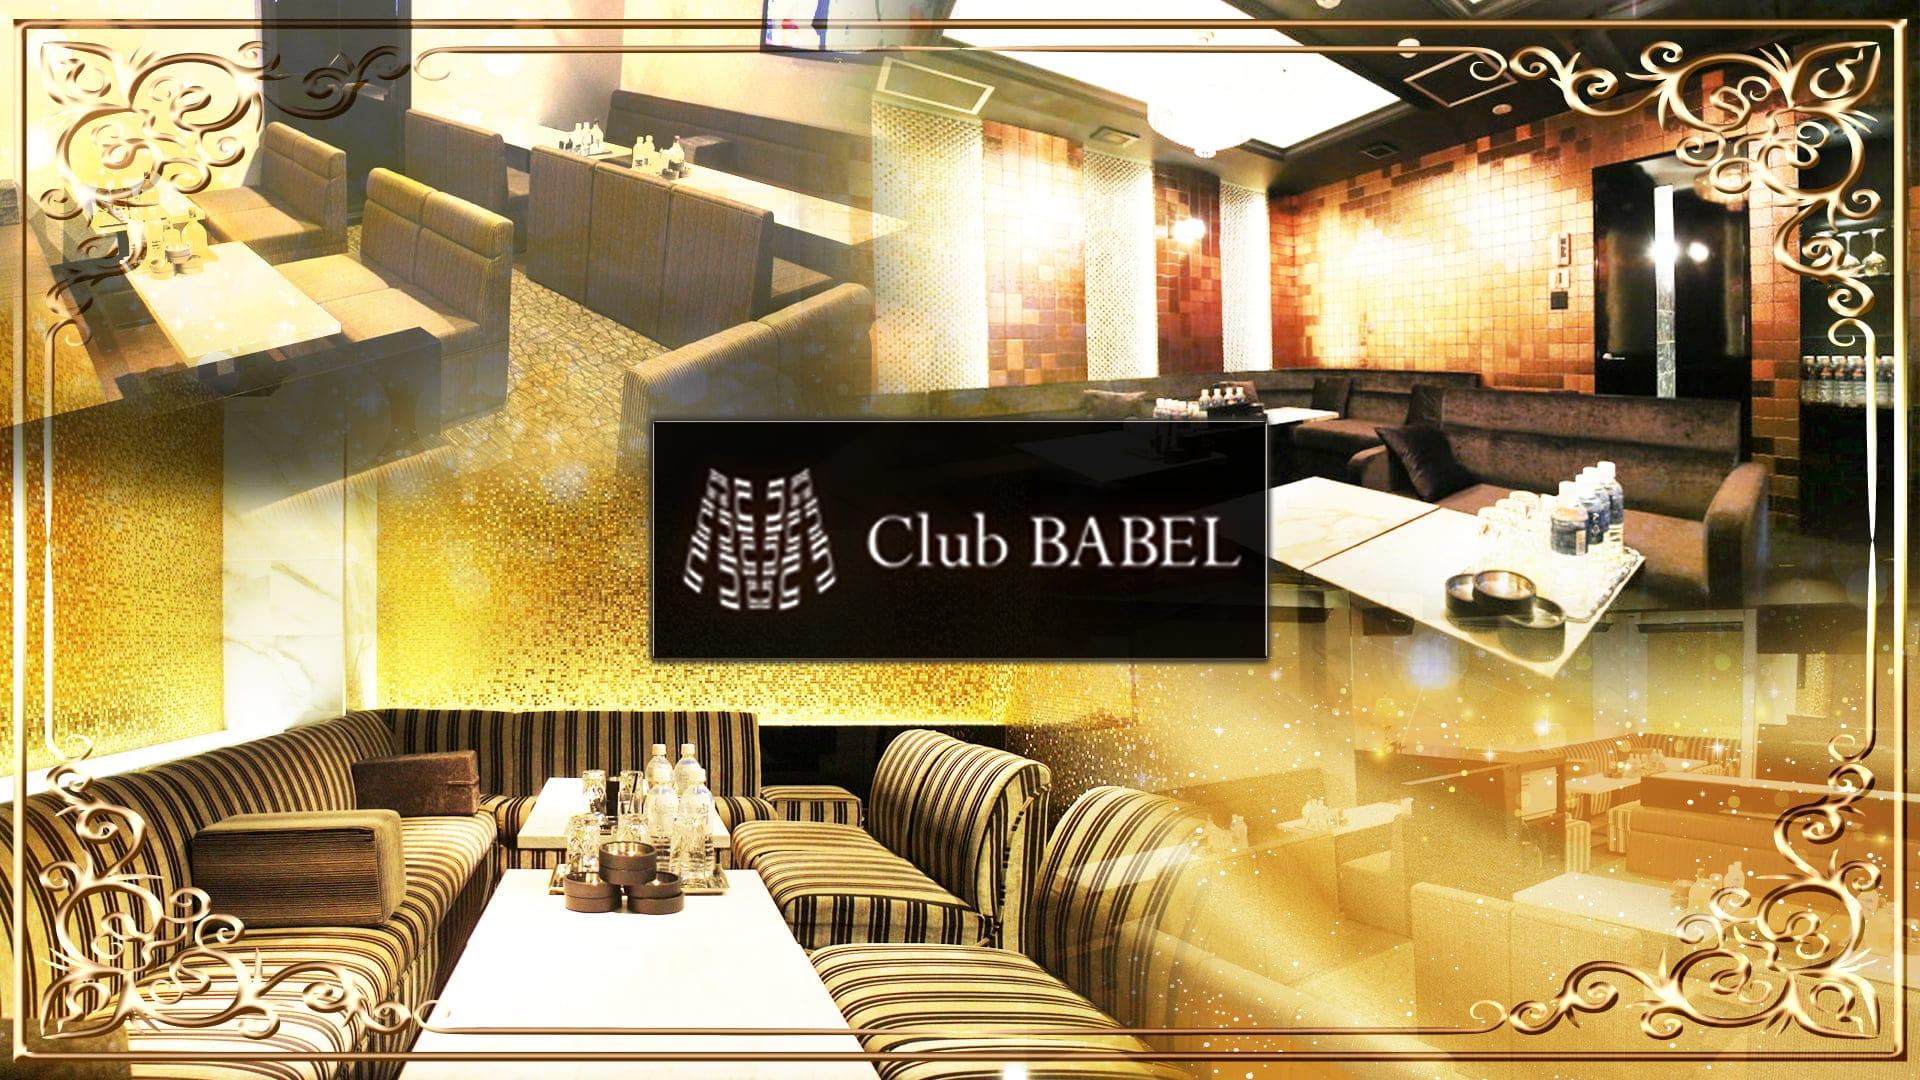 朝キャバ Club BABEL(バベル)【公式求人・体入情報】 難波昼キャバ・朝キャバ TOP画像